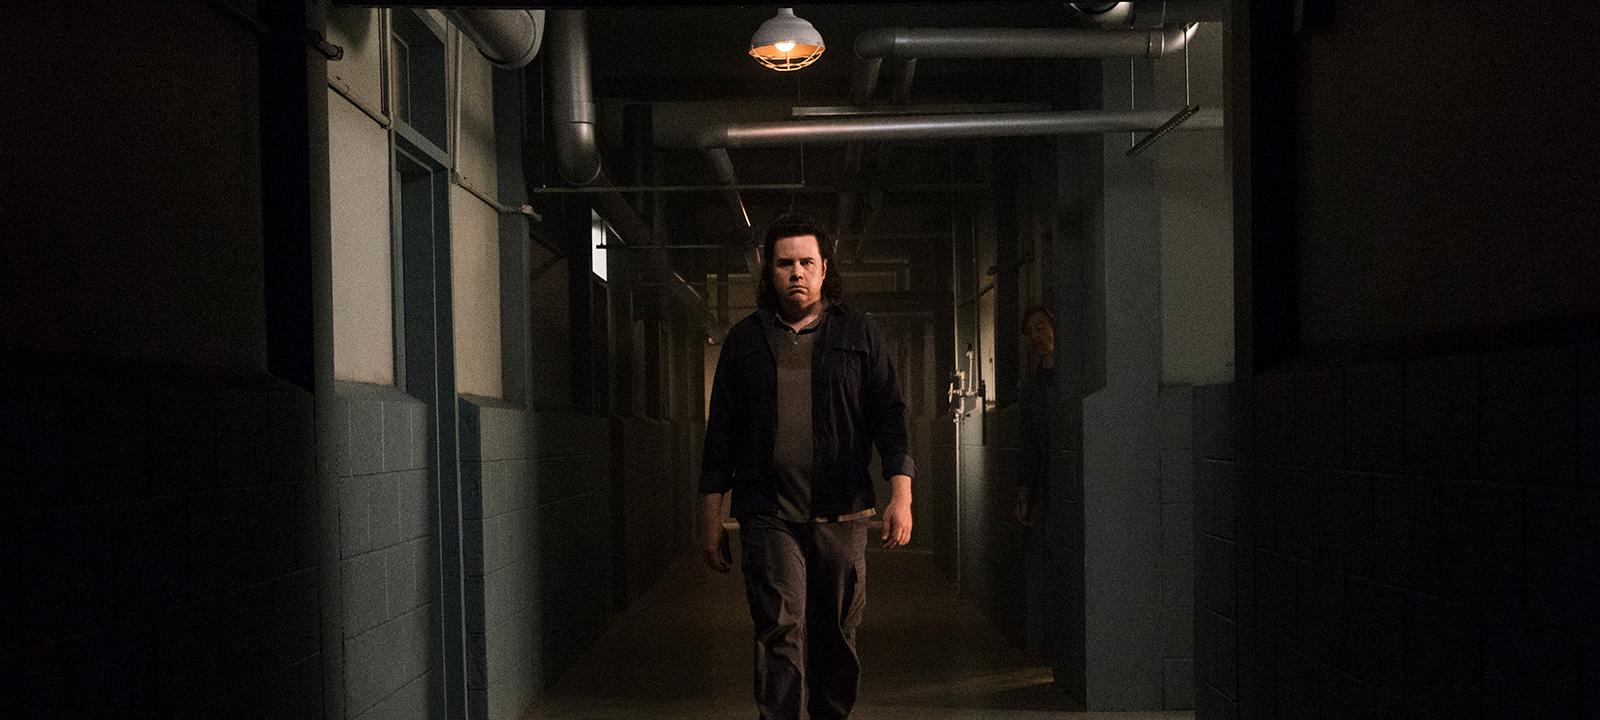 the-walking-dead-episode-807-eugene-mcdermitt-800×600-interview